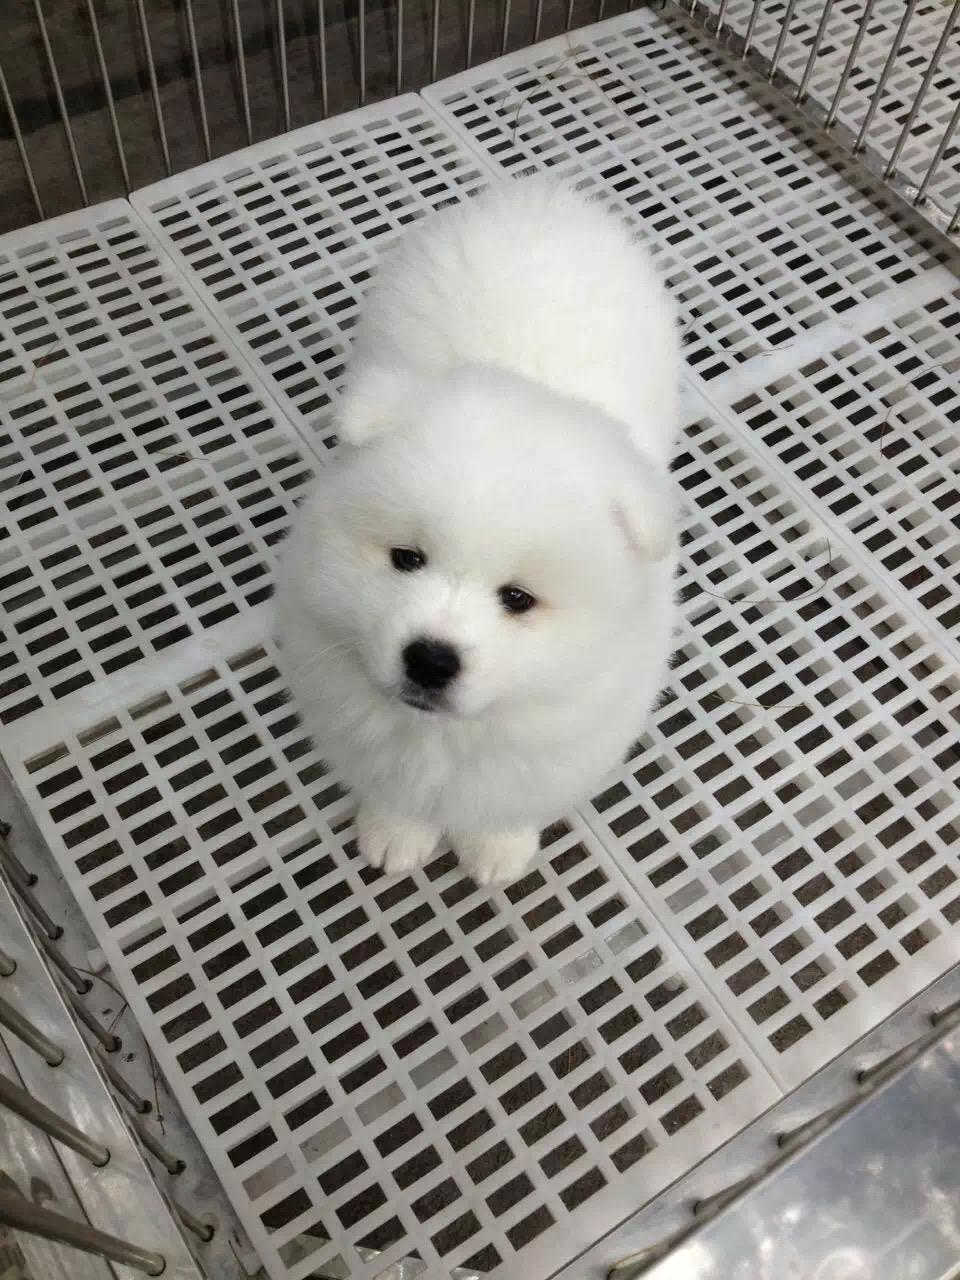 撩妹神犬萨摩幼犬 萌化少女心品相好 还等什么 ~2